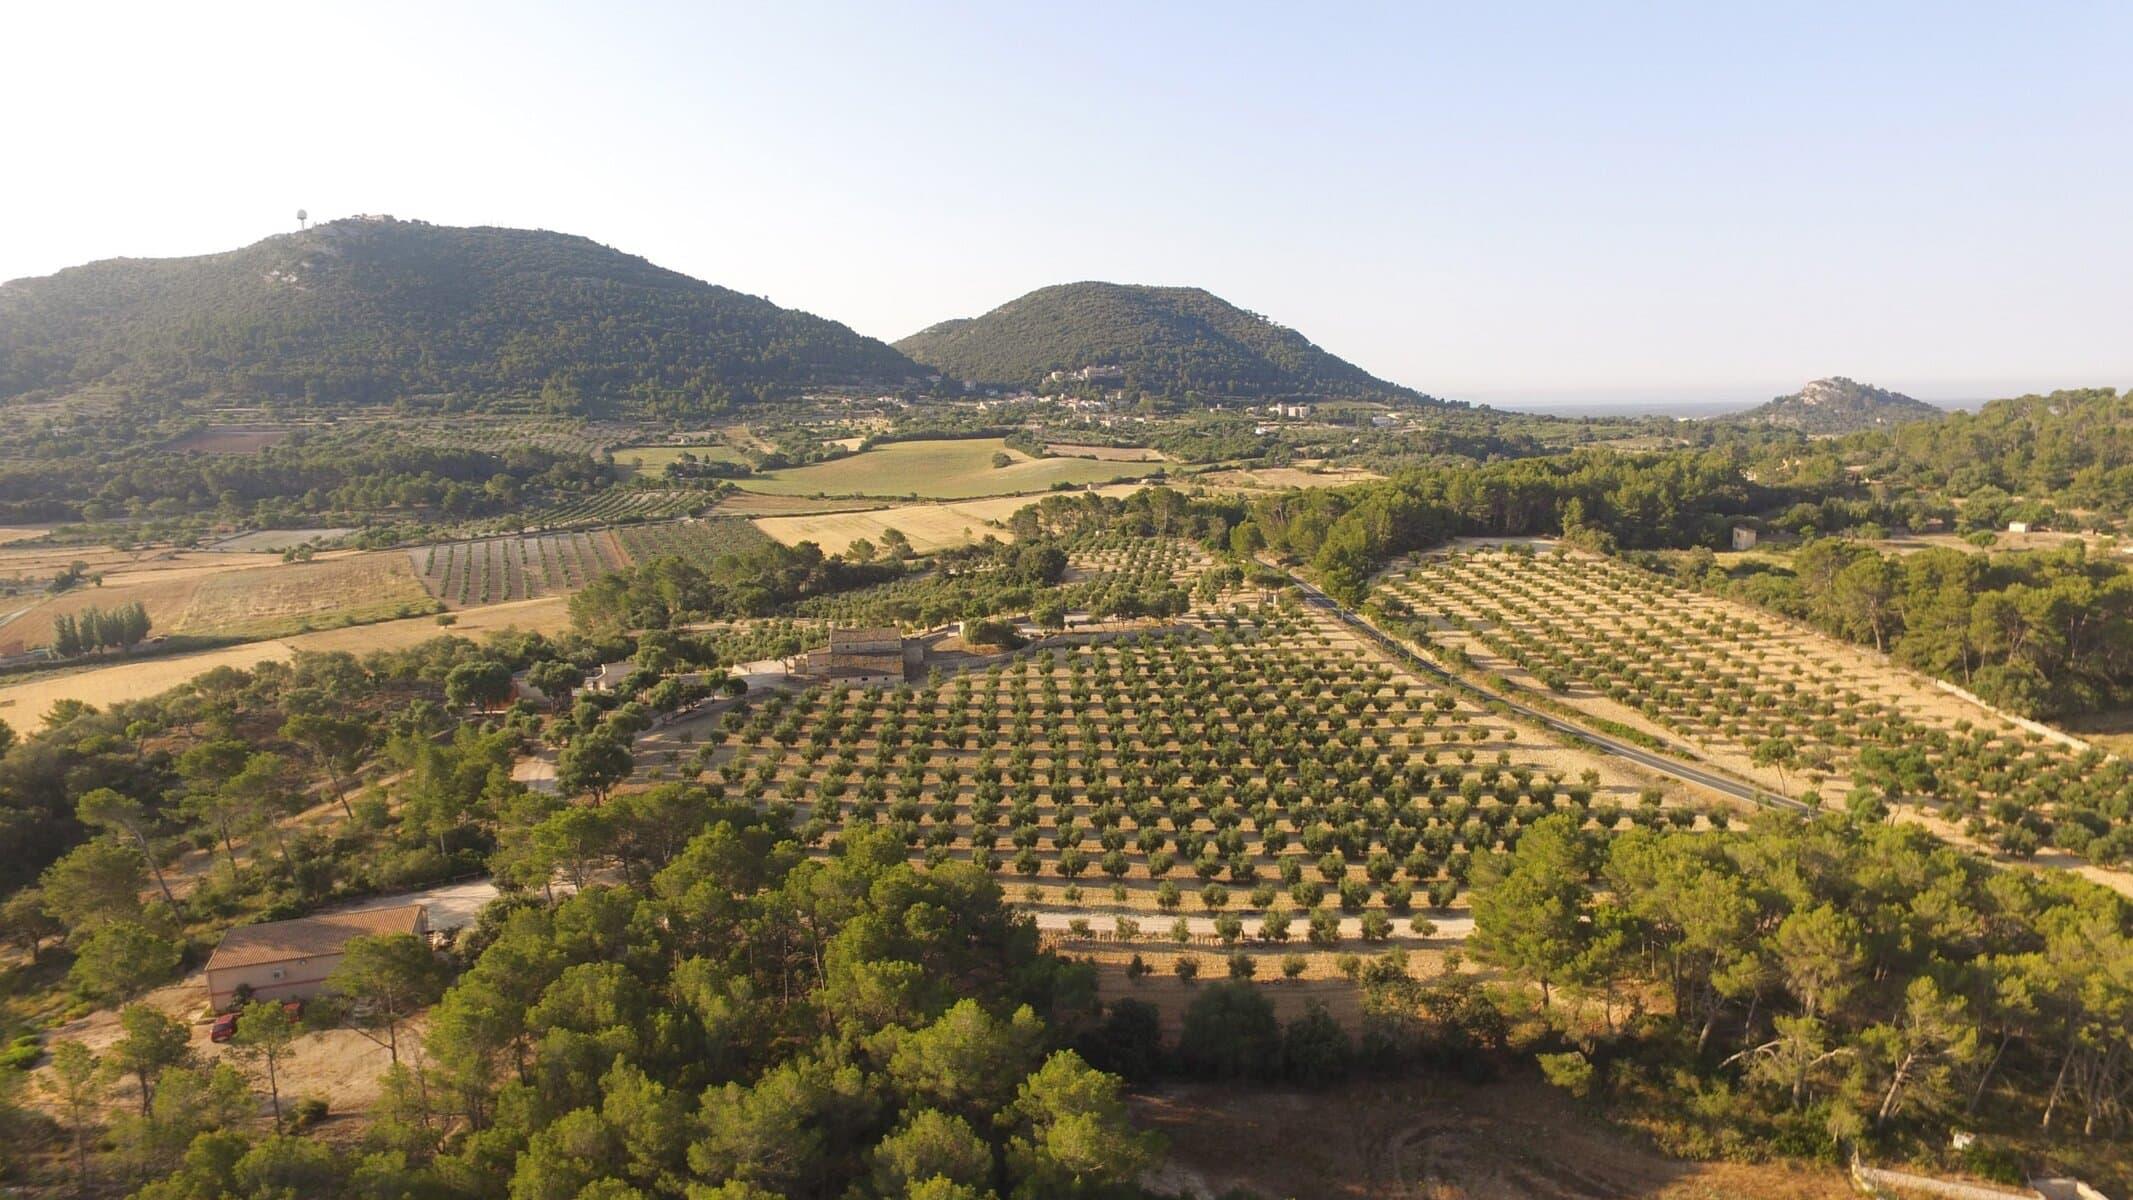 Finca de aceite de oliva arbequina